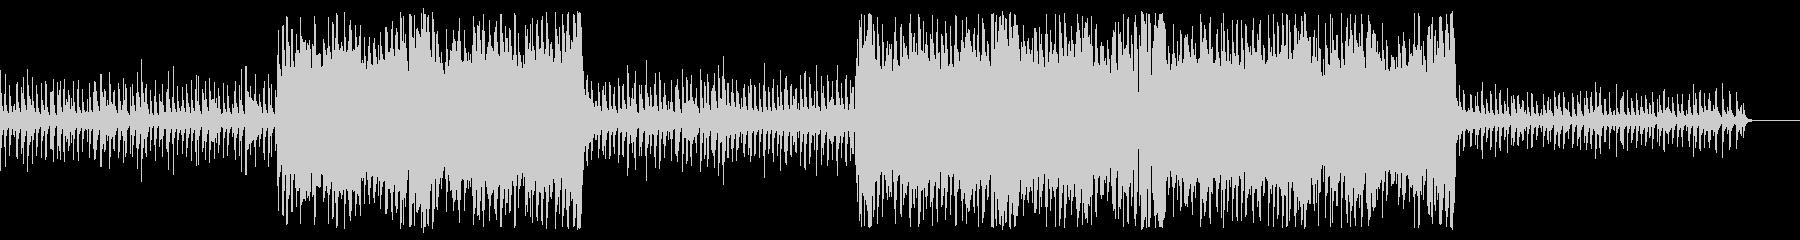 【メロディ・ドラム・ベース抜き】シンプ…の未再生の波形